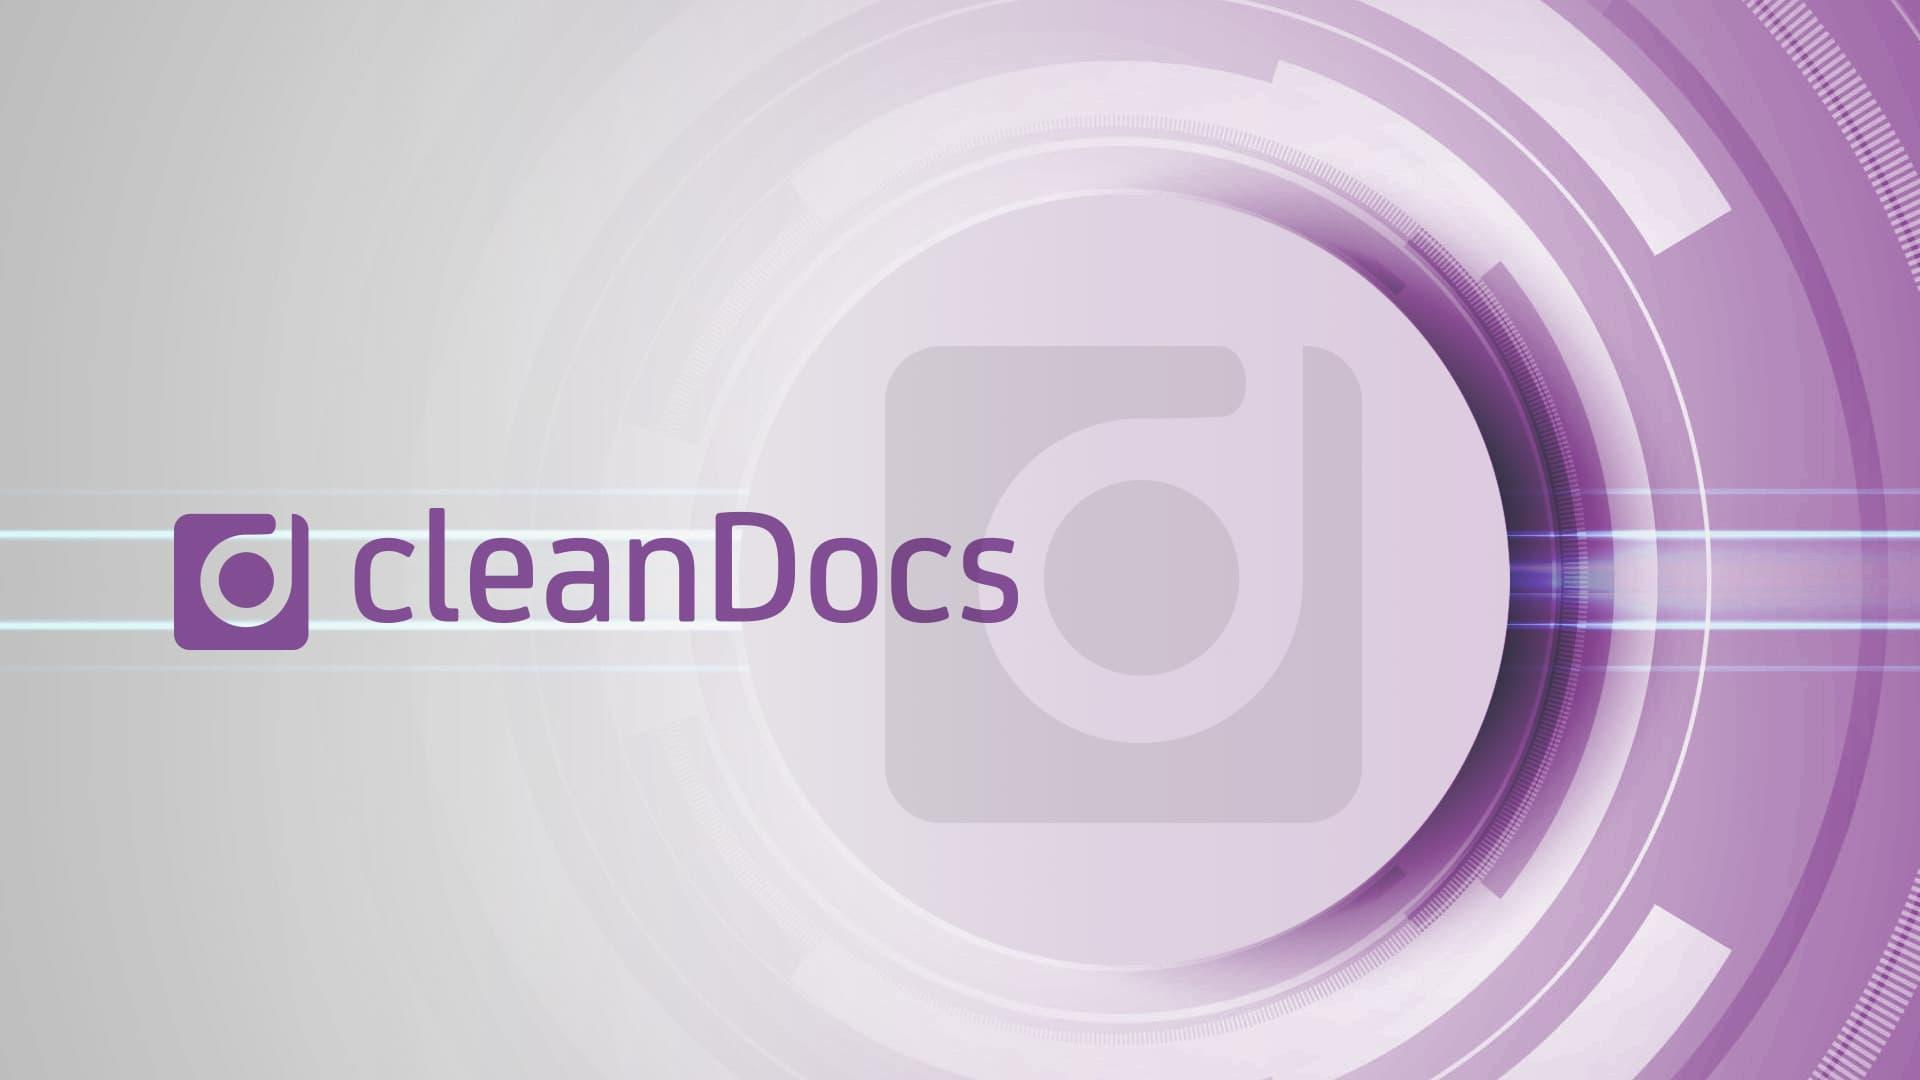 cleandocs-1920x1080-002